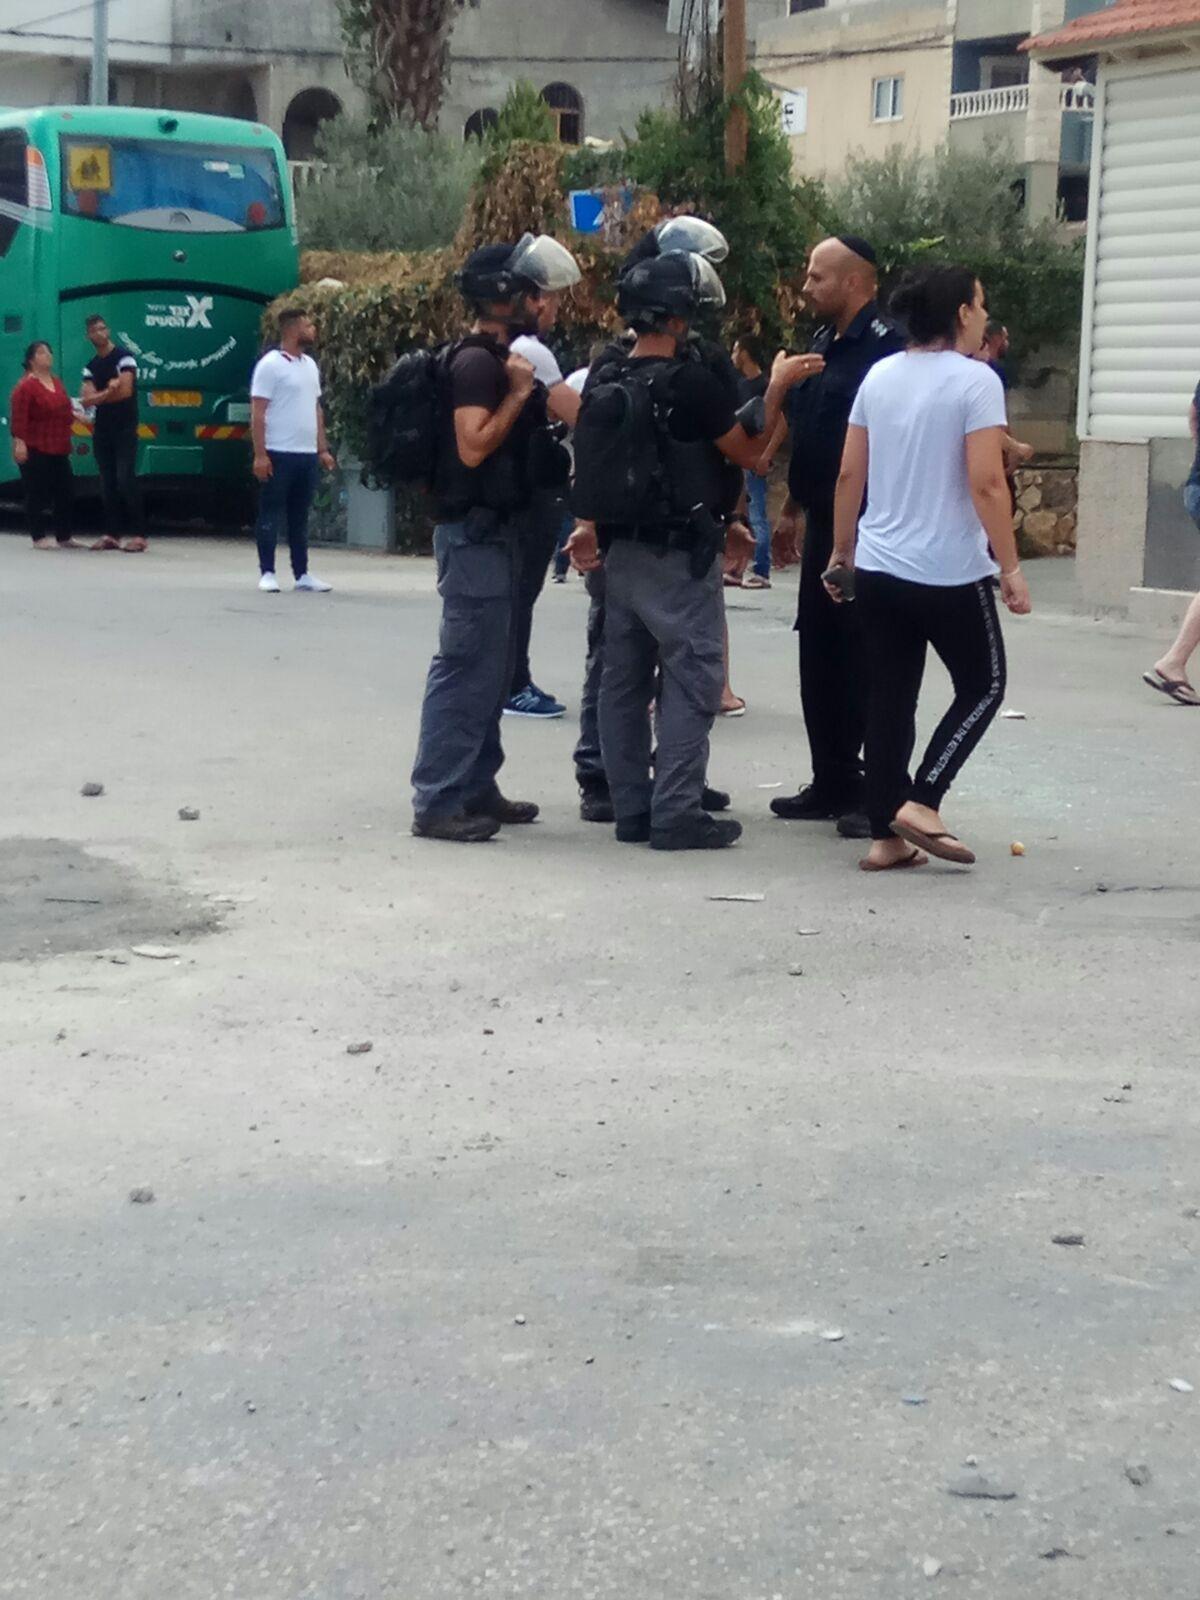 شجار مجد الكروم: موتُ رجل متأثرا بنوبة قلبيّة وإصابات واعتقالات